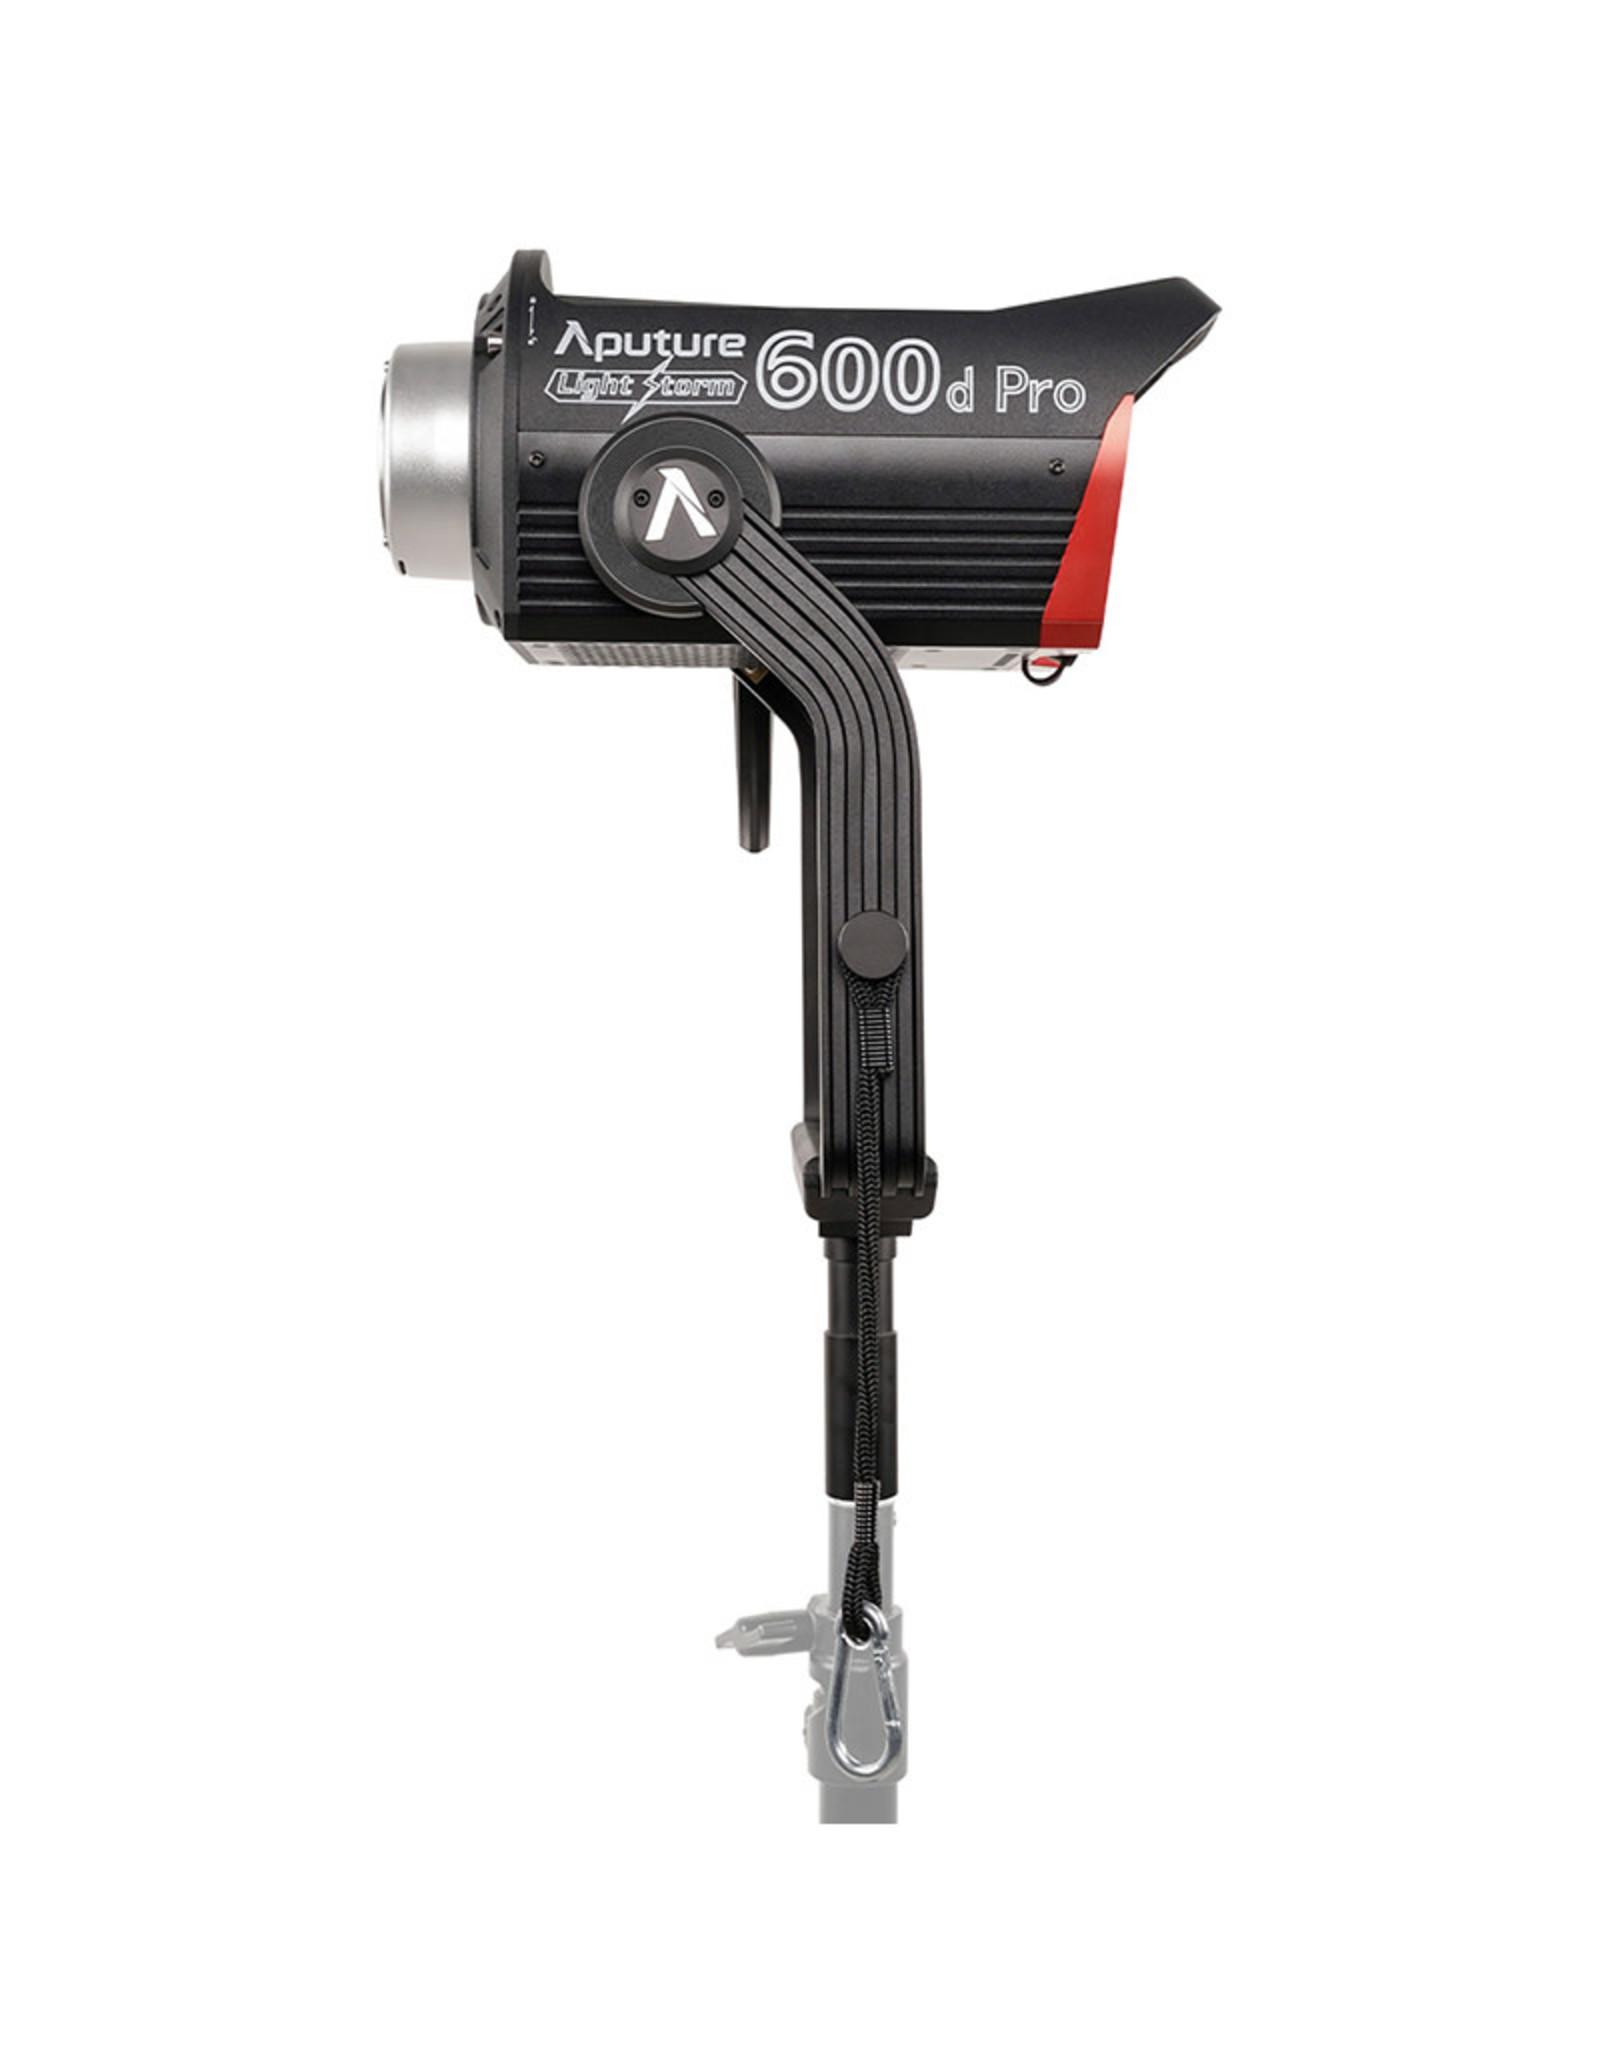 Aputure Aputure LS600D PRO Daylight  LED Light (V-mount)